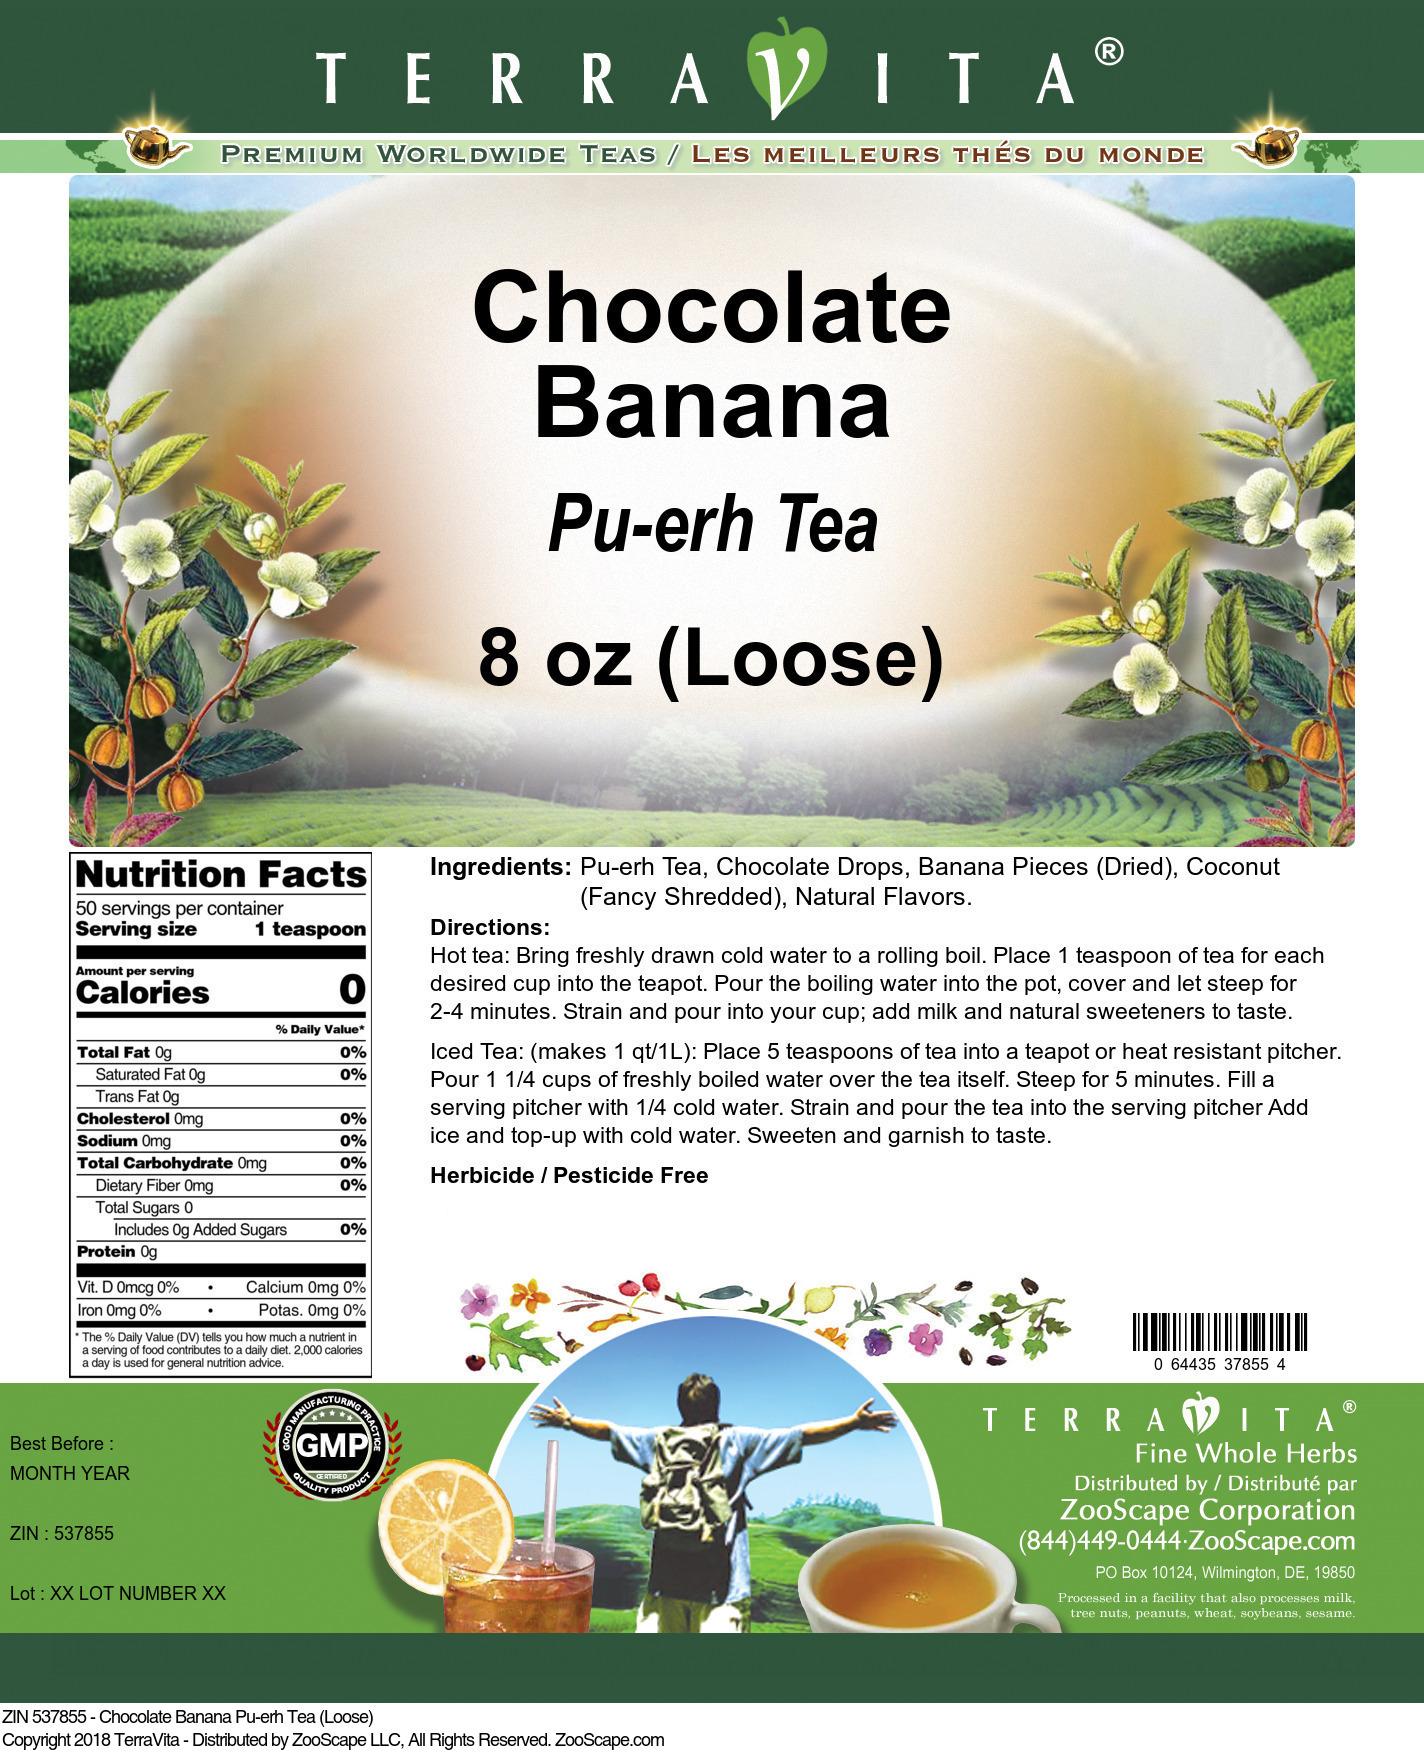 Chocolate Banana Pu-erh Tea